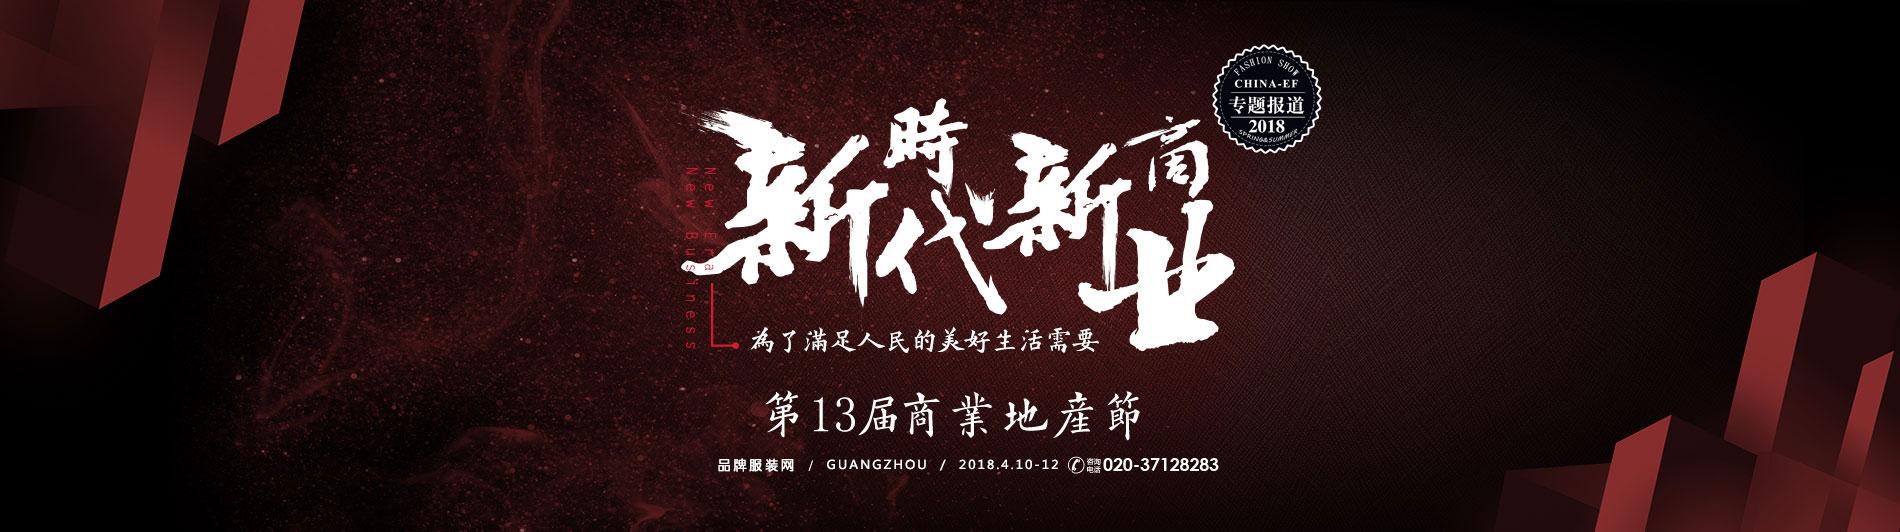 第13届中国商业地产节